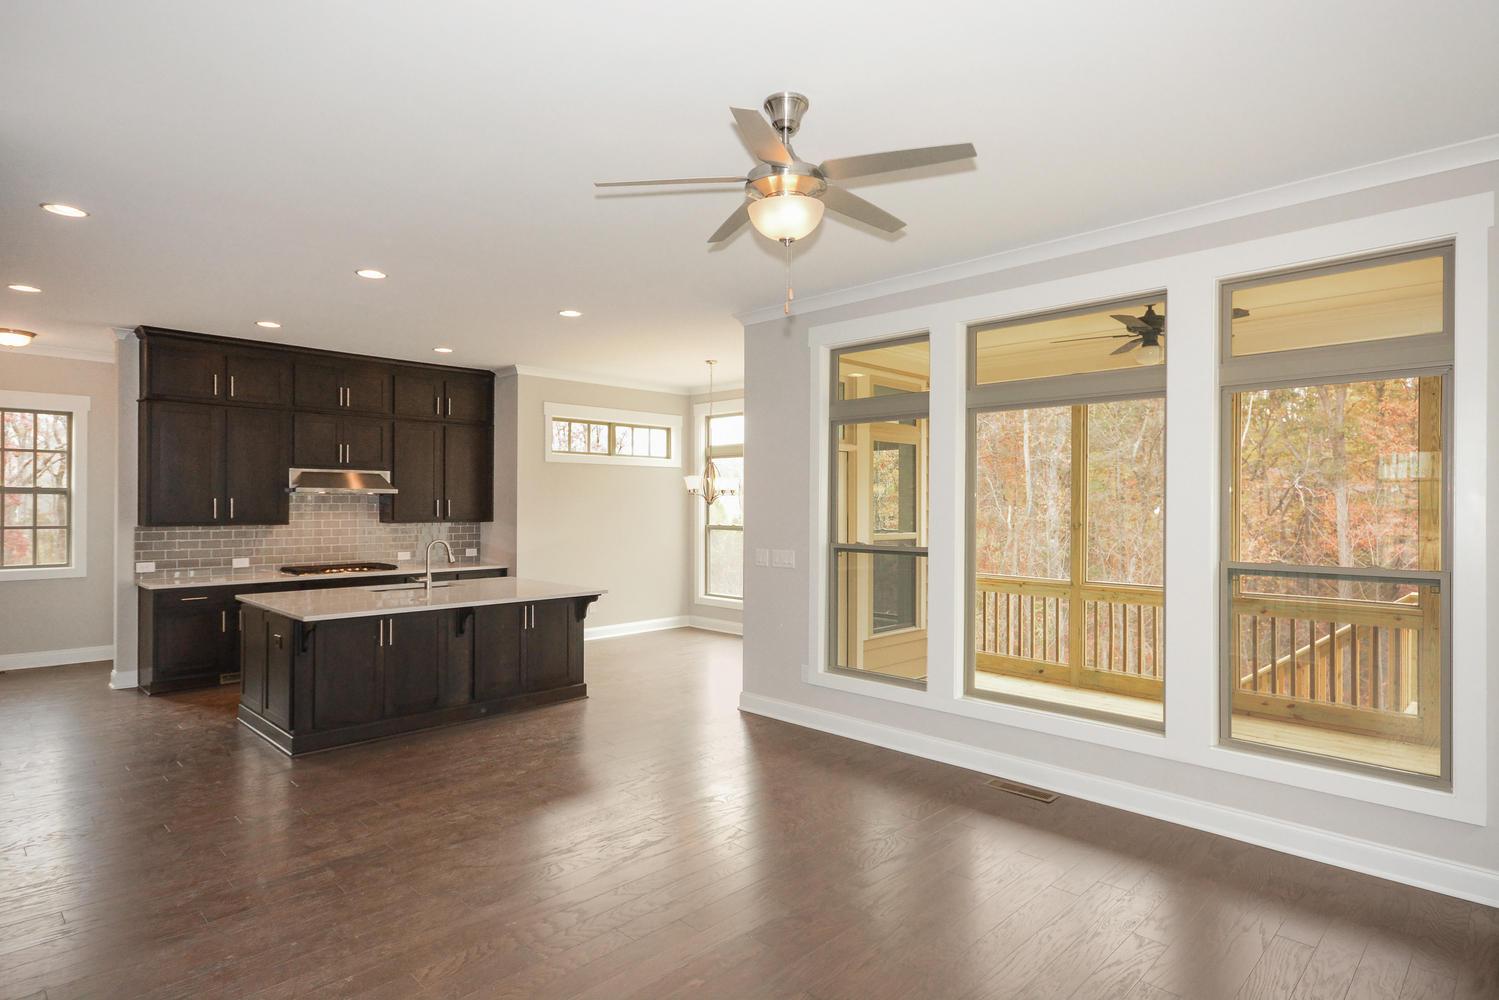 Dunes West Homes For Sale - 2919 Eddy, Mount Pleasant, SC - 20